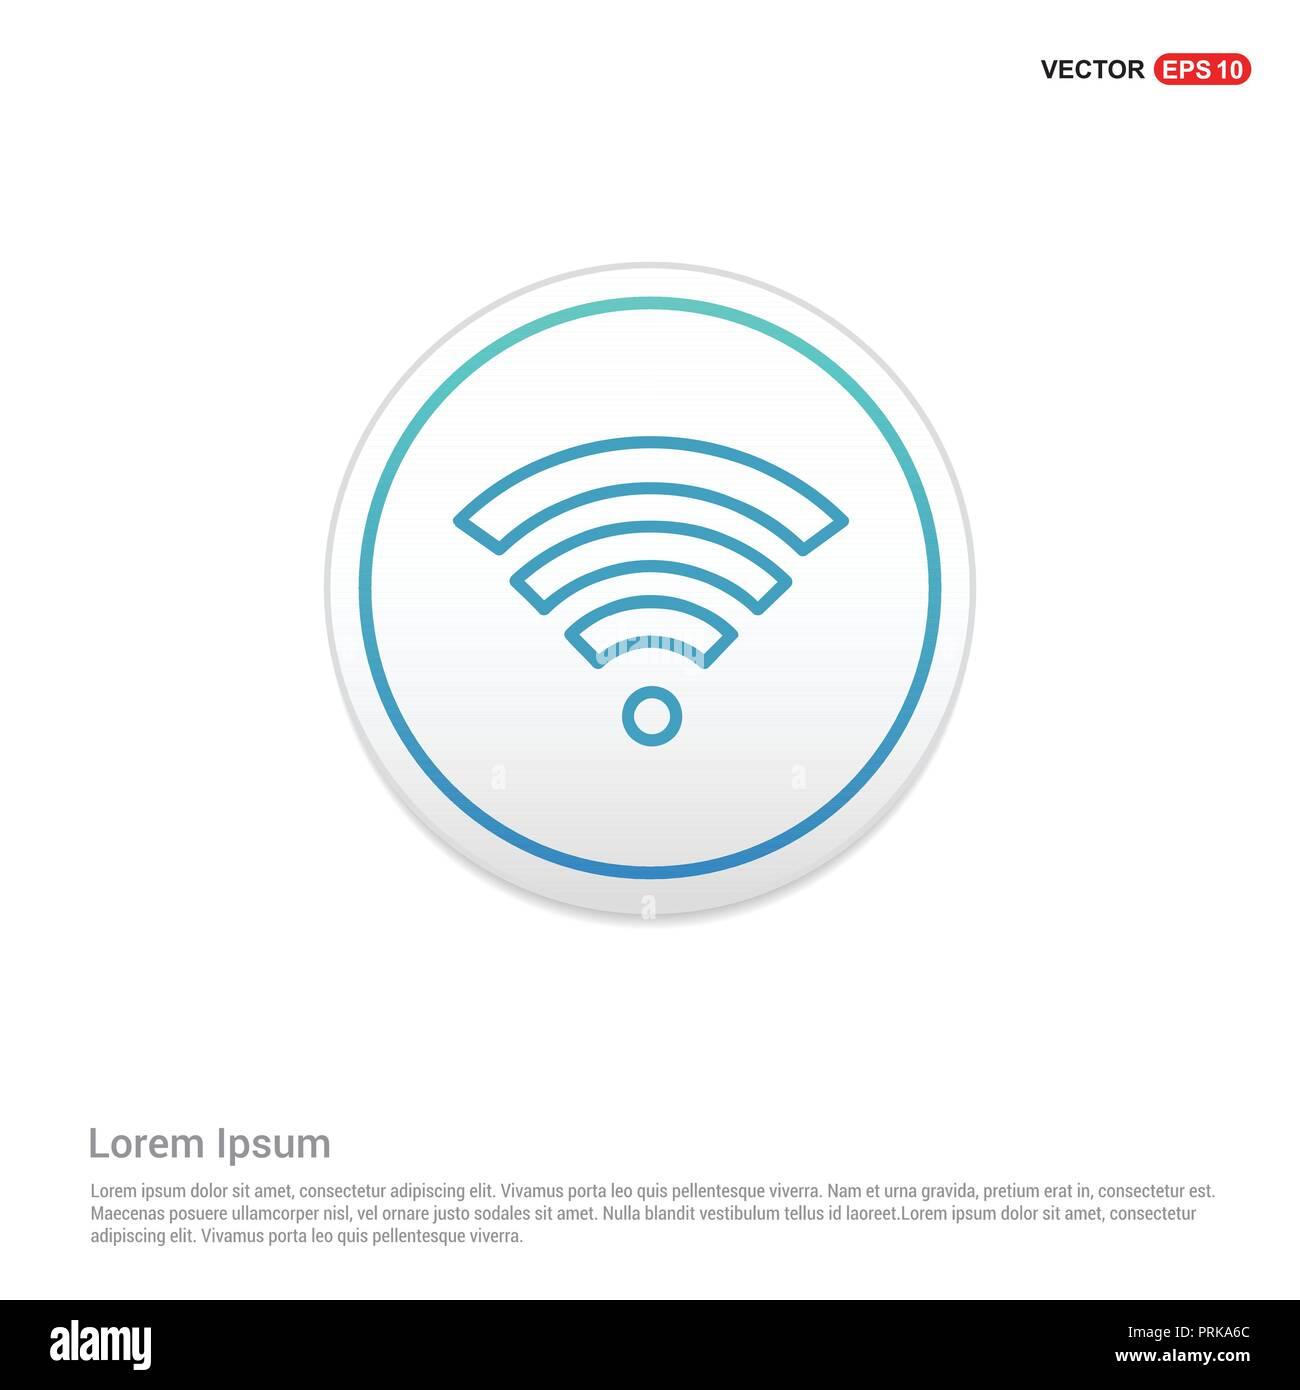 Wifi signal icon - white circle button - Stock Image